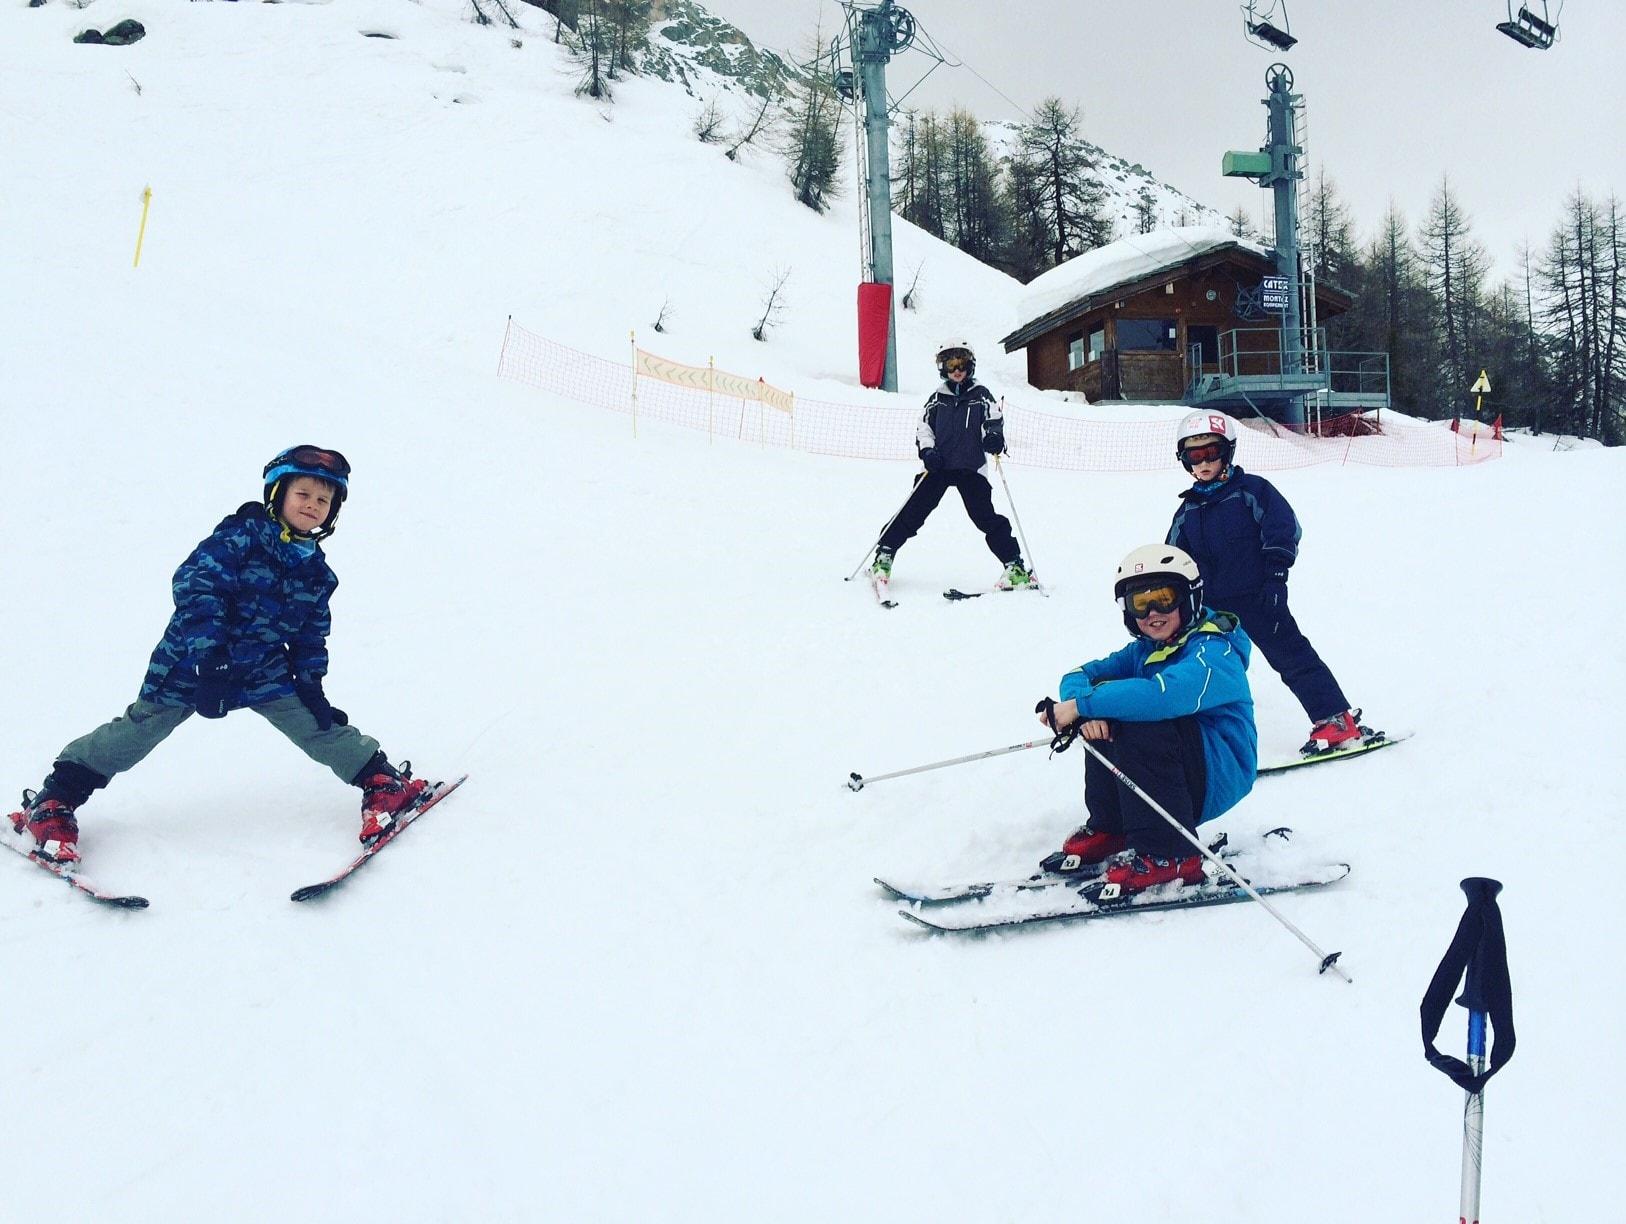 Snoob Angelique ski holiday